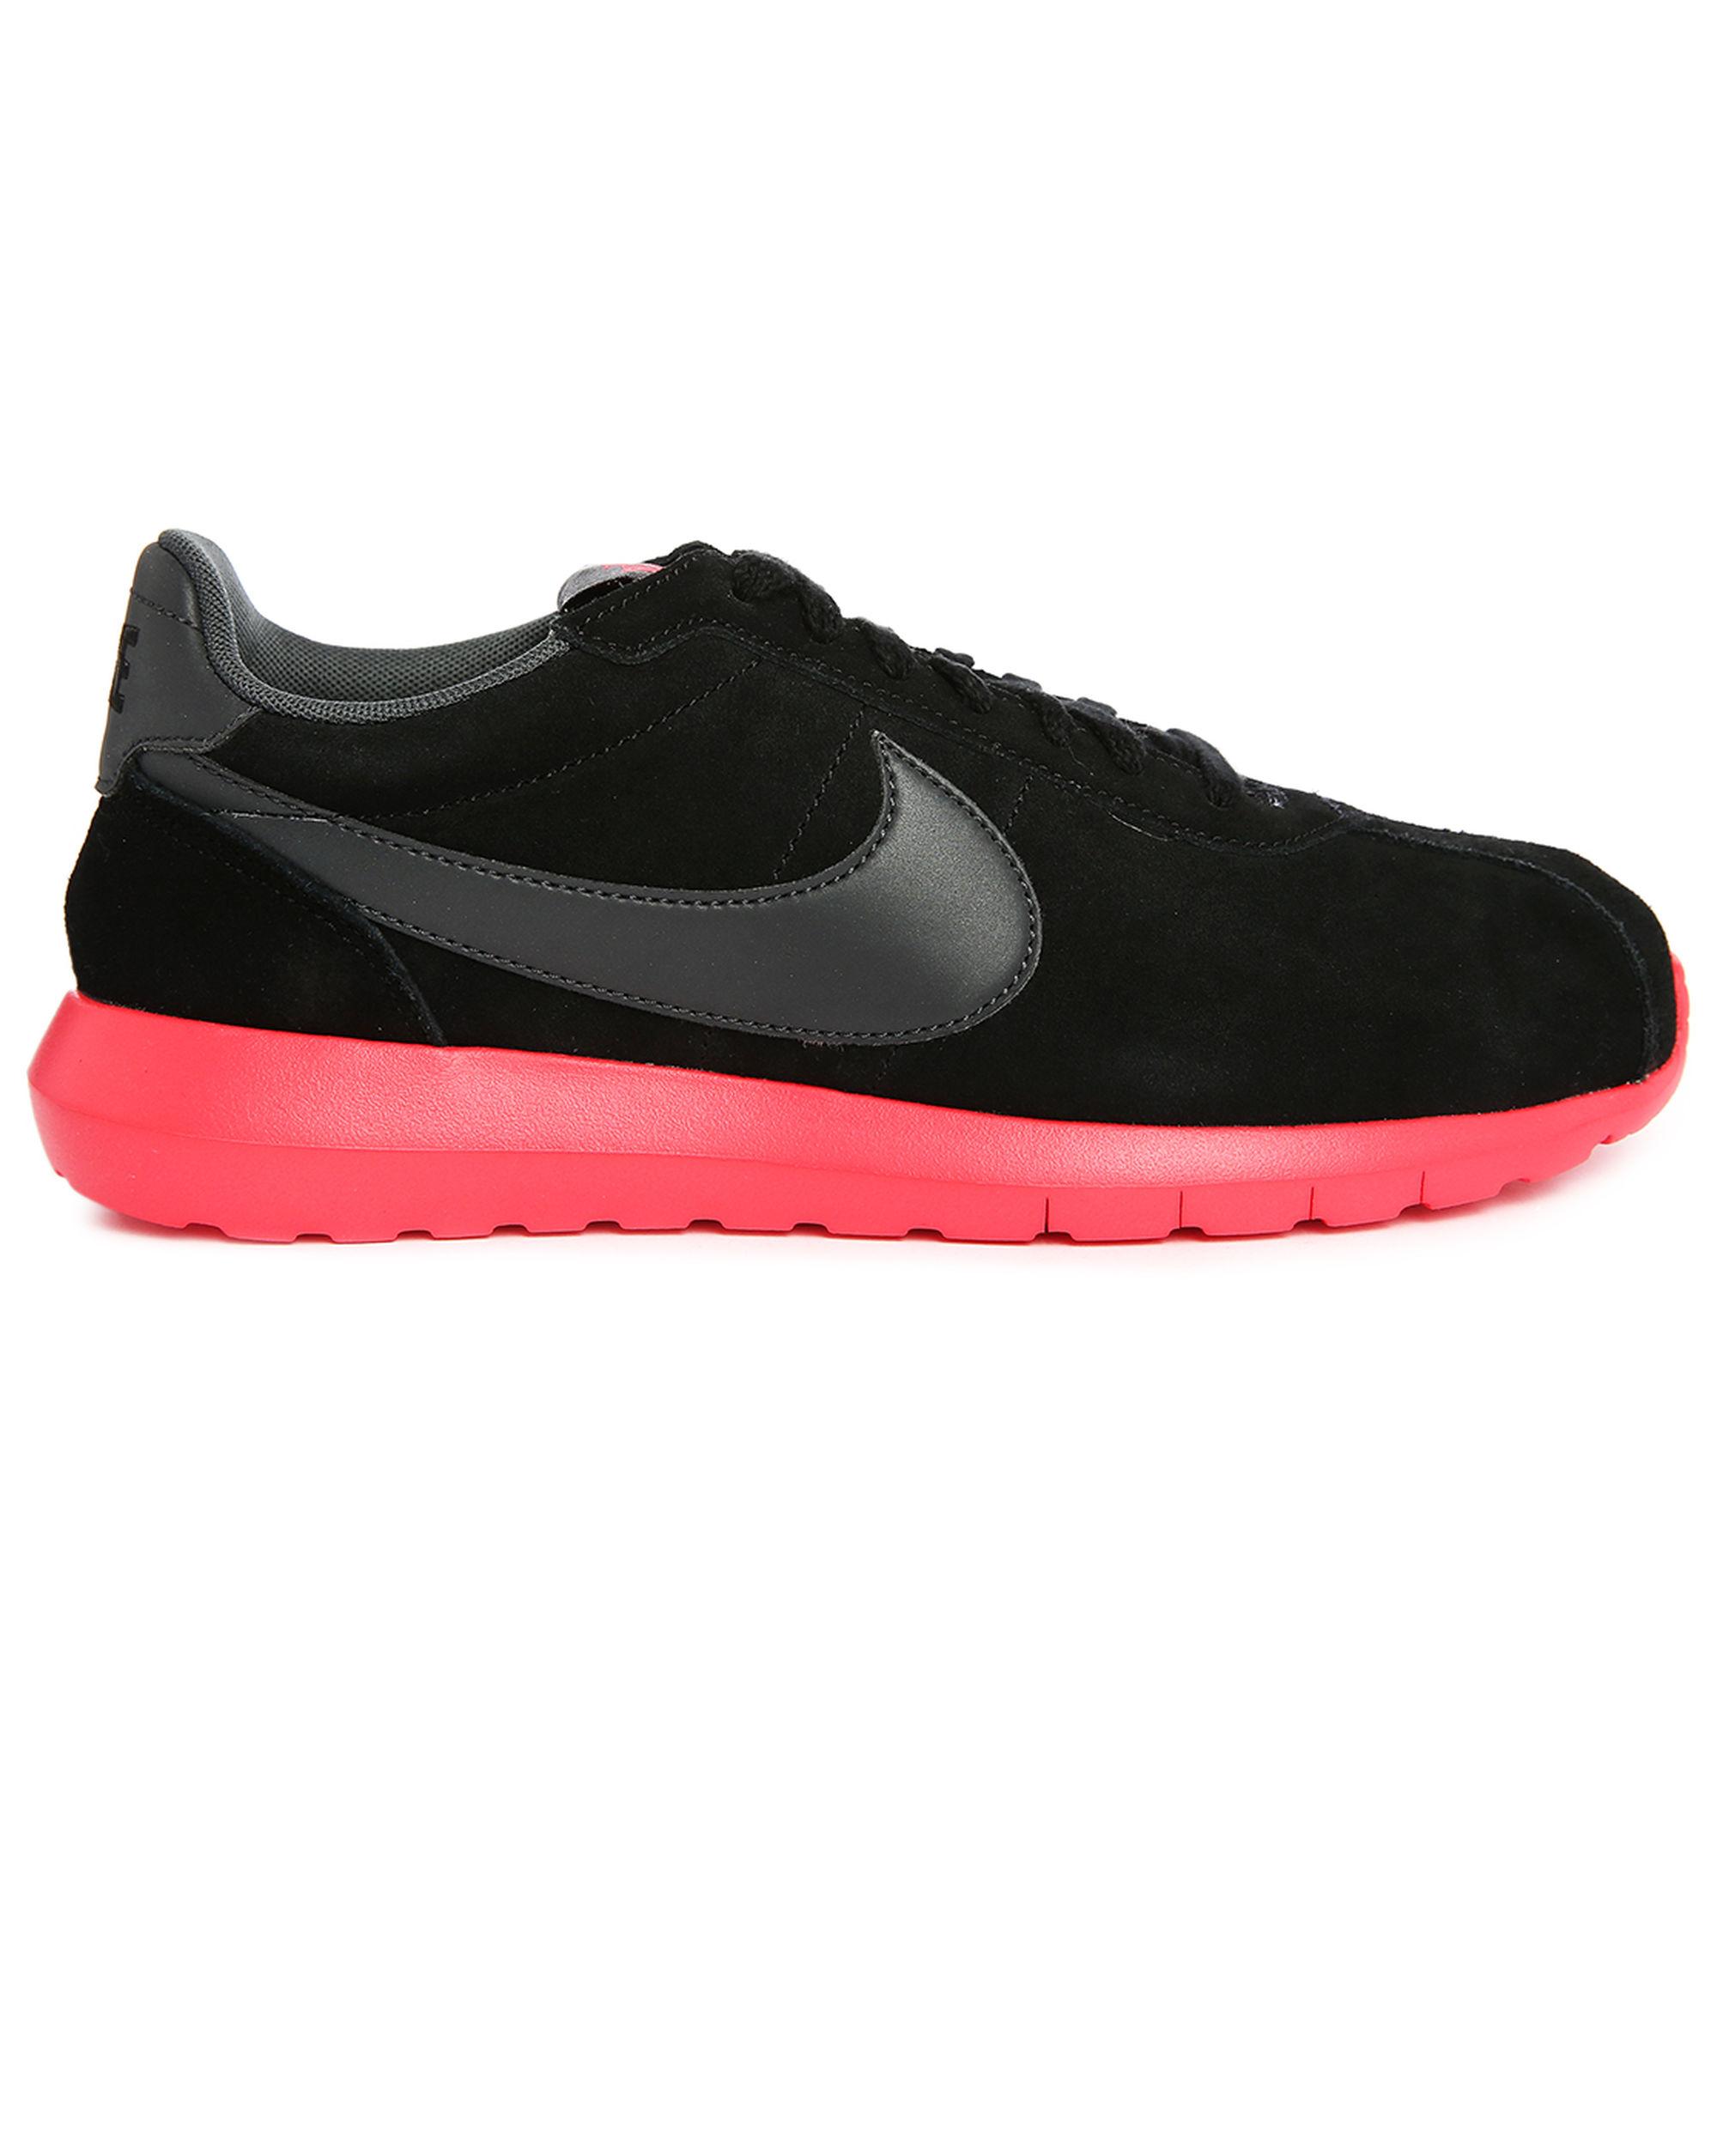 Joseph Abboud Shoes Black Frost